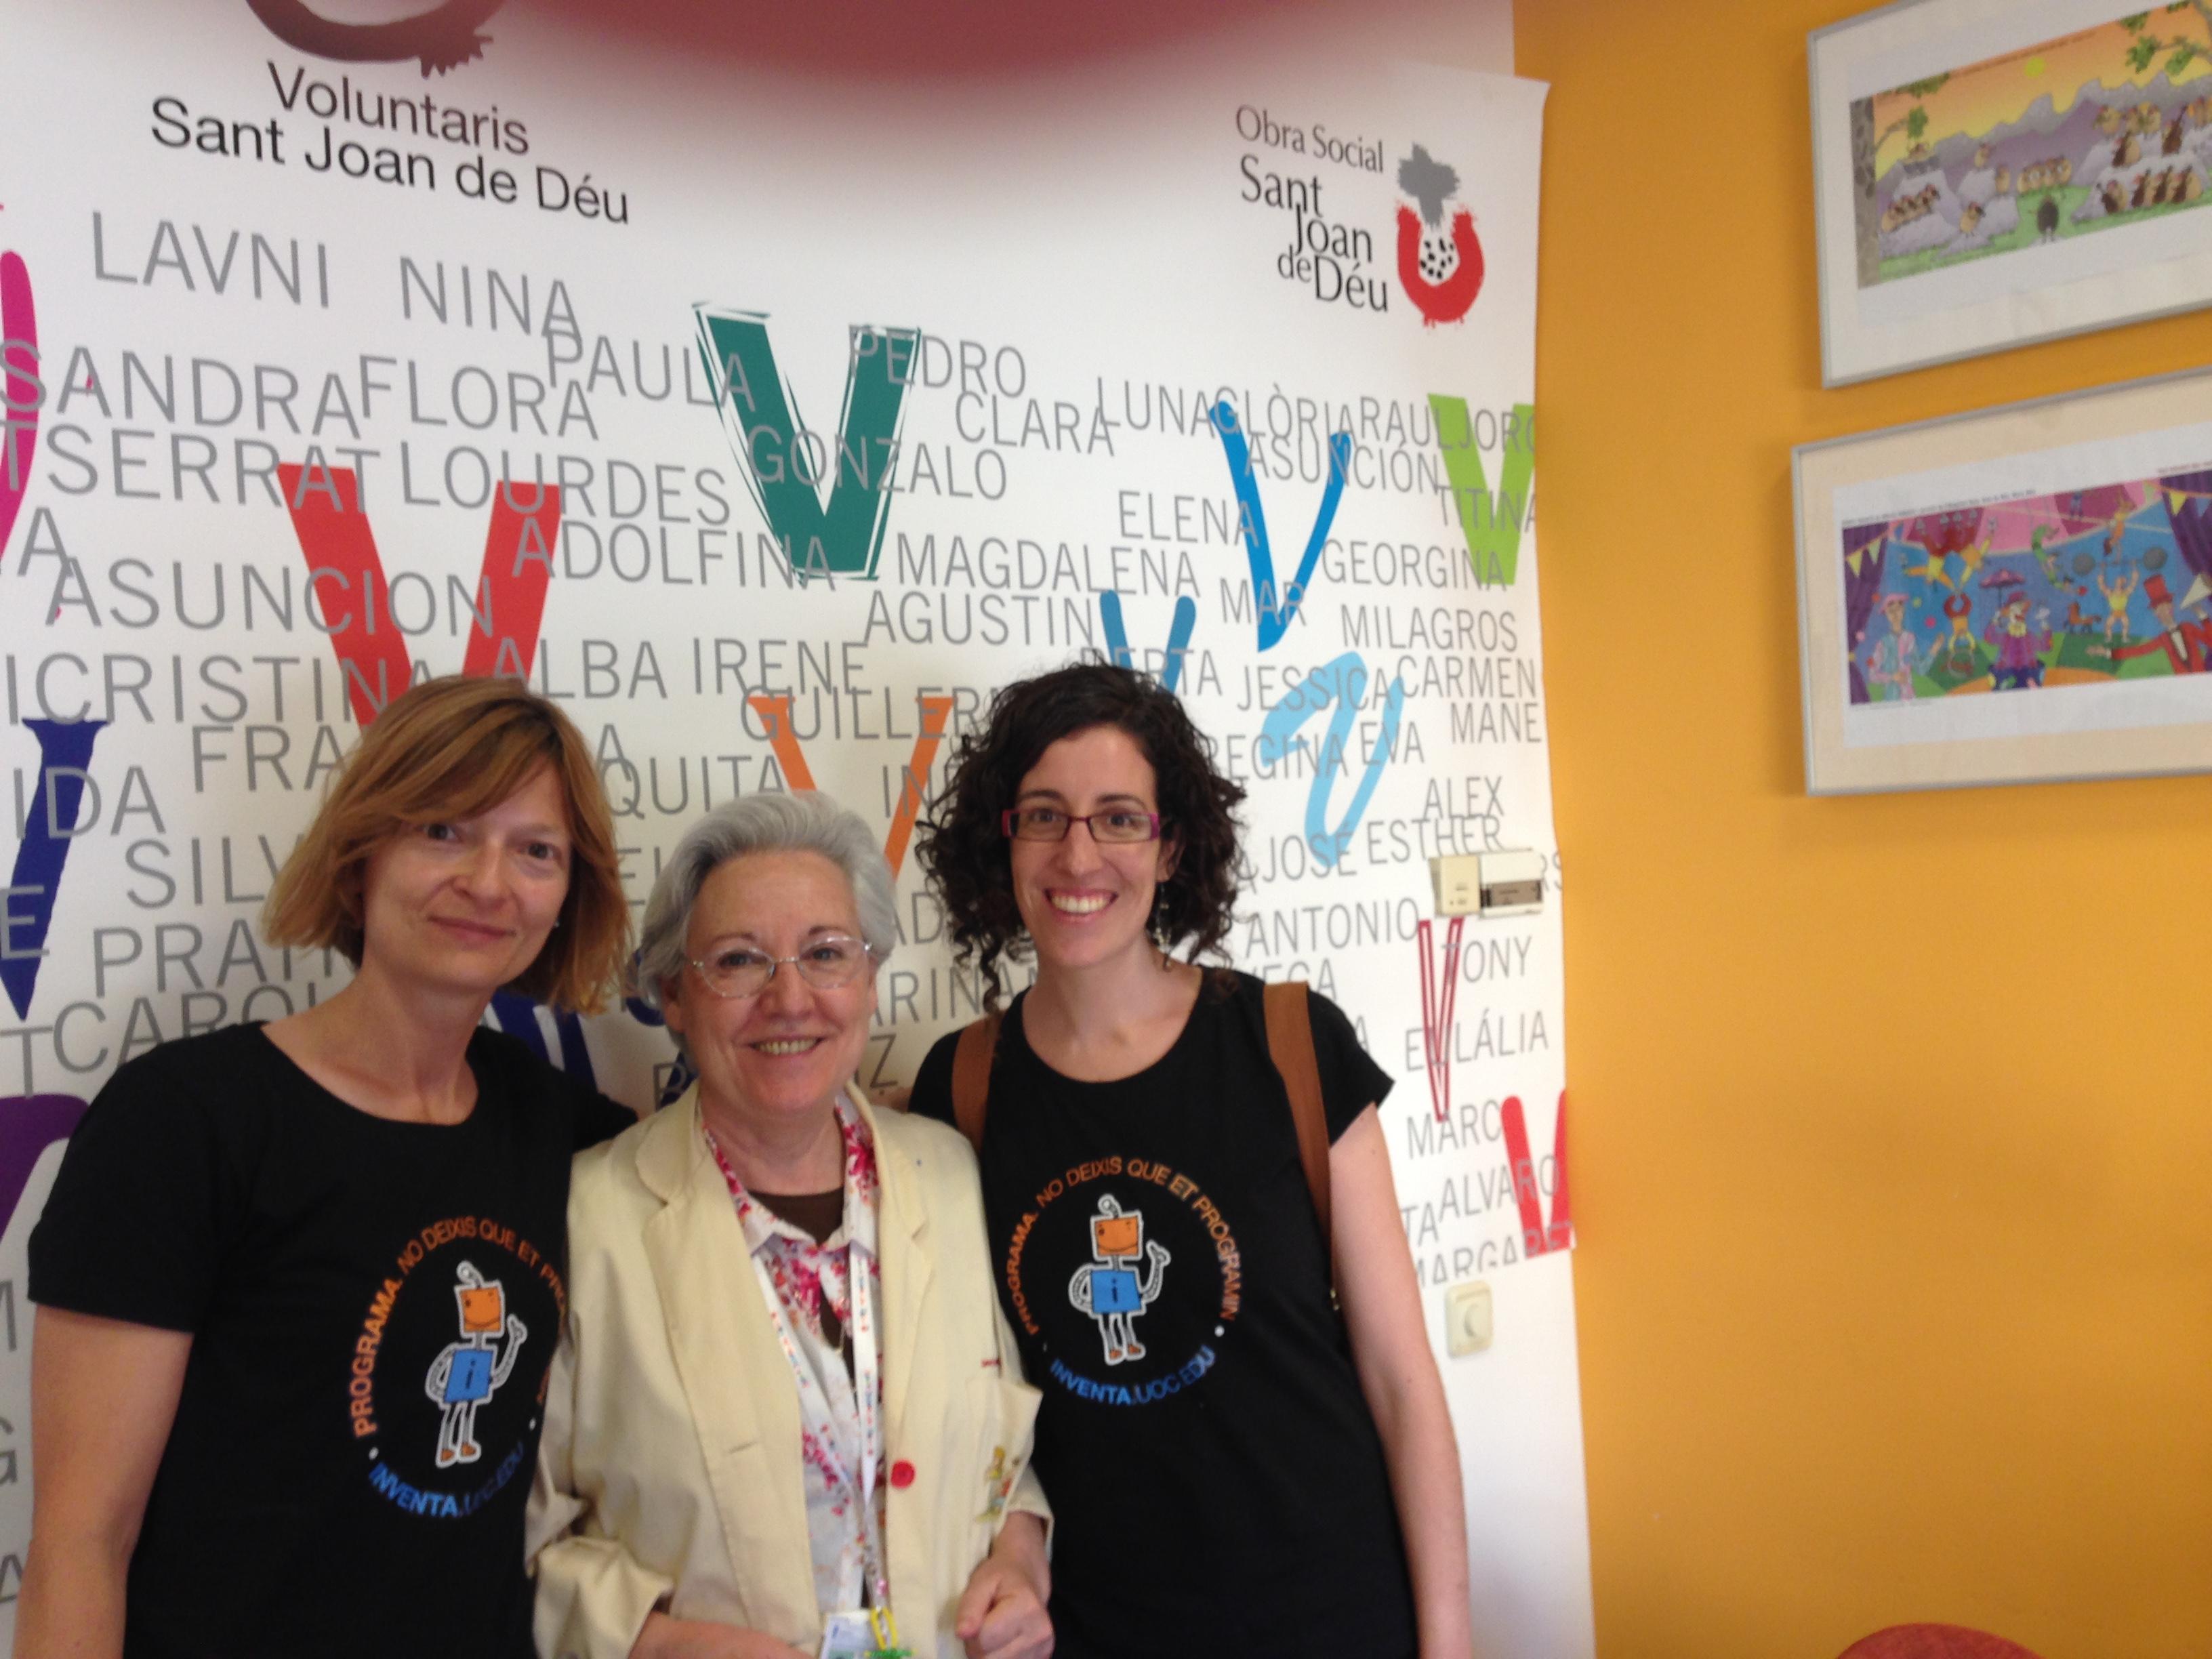 Montse Serra i Elena Planas, del grup INVENTA, junt amb Tina Parayre, cap de voluntariat de pediatria de l'Hospital SJDD.